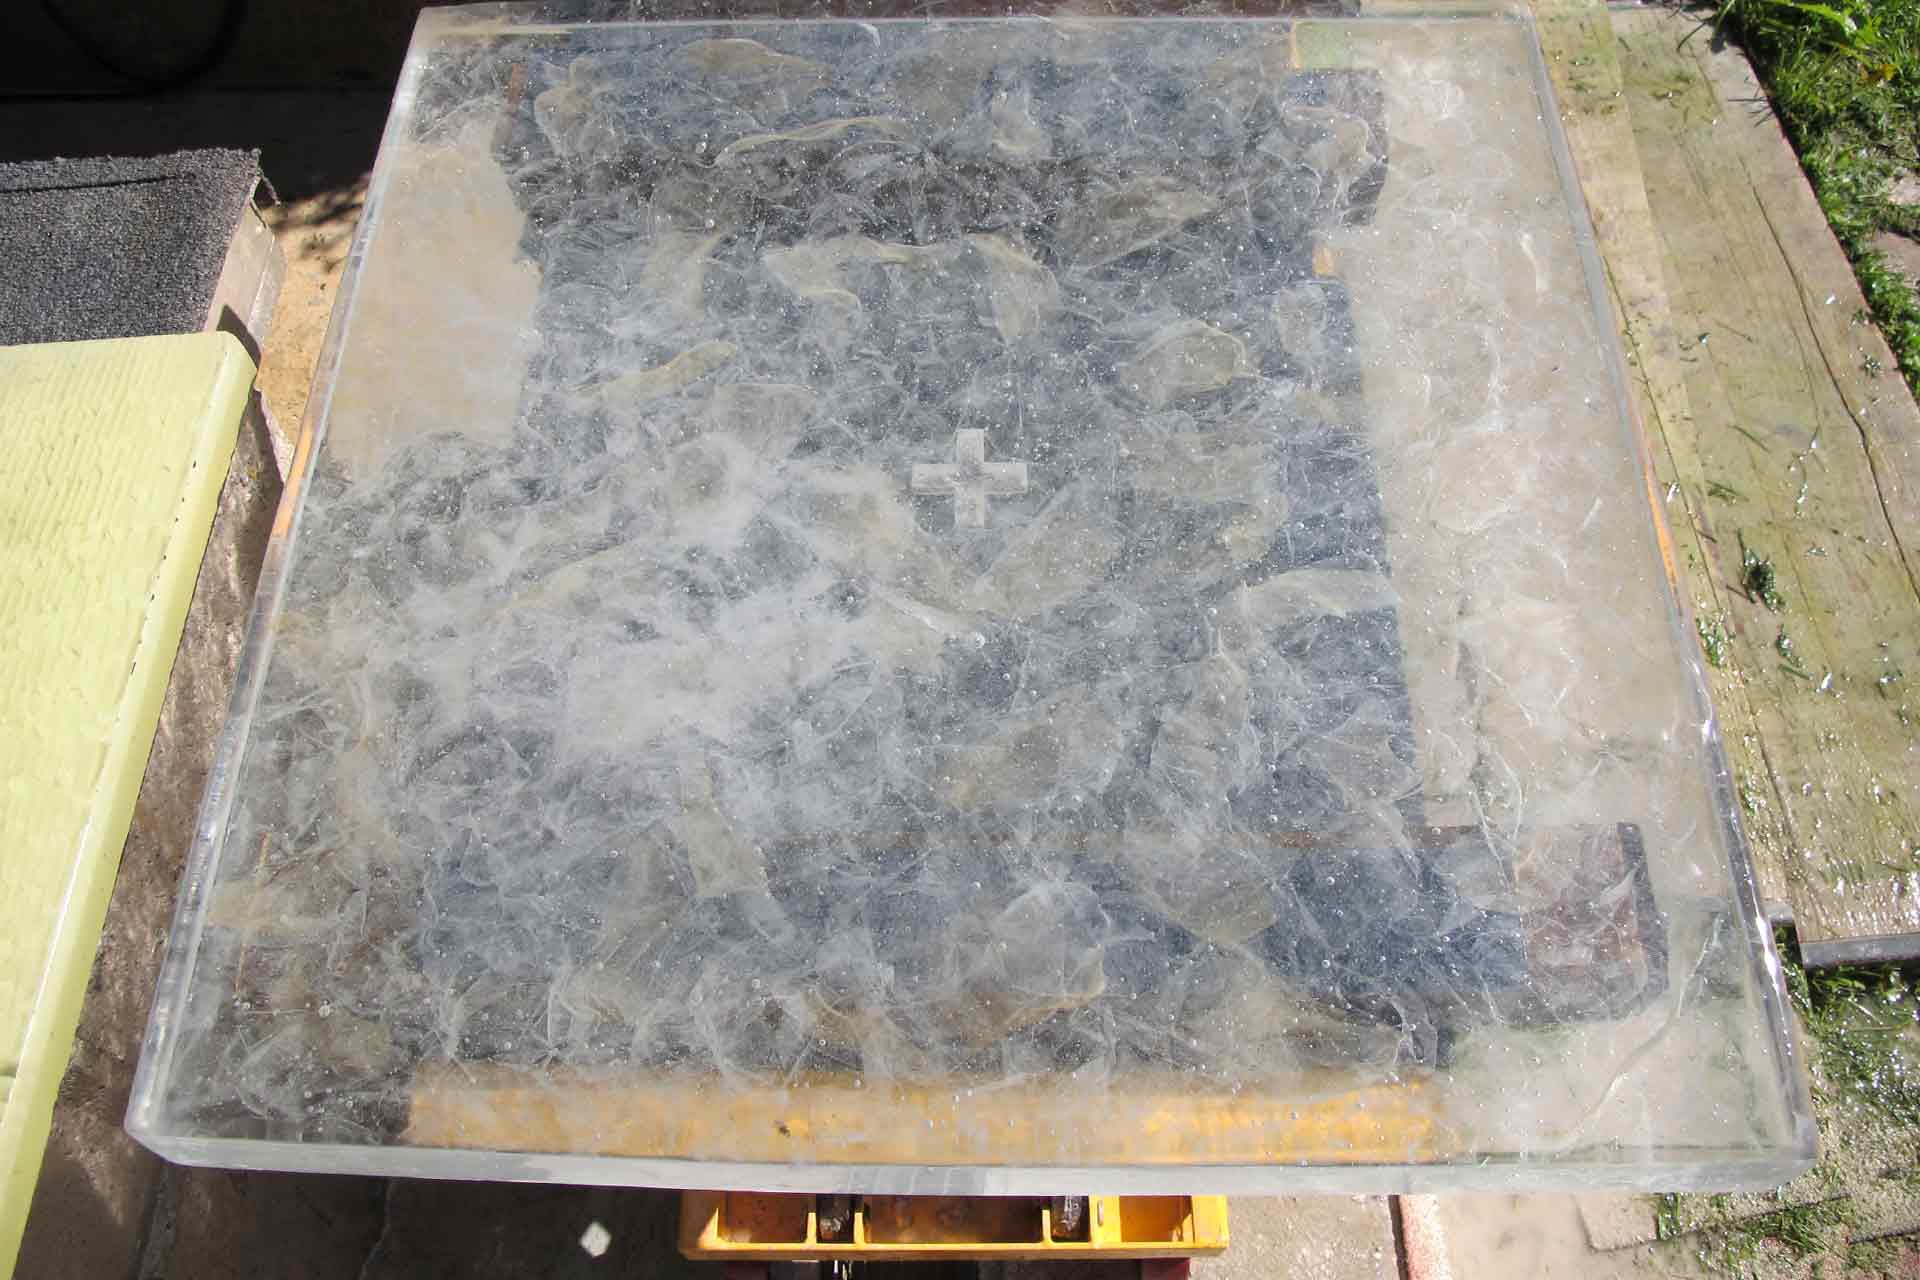 Artiste Verrier fabrication d'une table d'autel en cristal fusionné pour L'Oratoire de Sainte Bernadette à Lourdes. Design de David Pons.